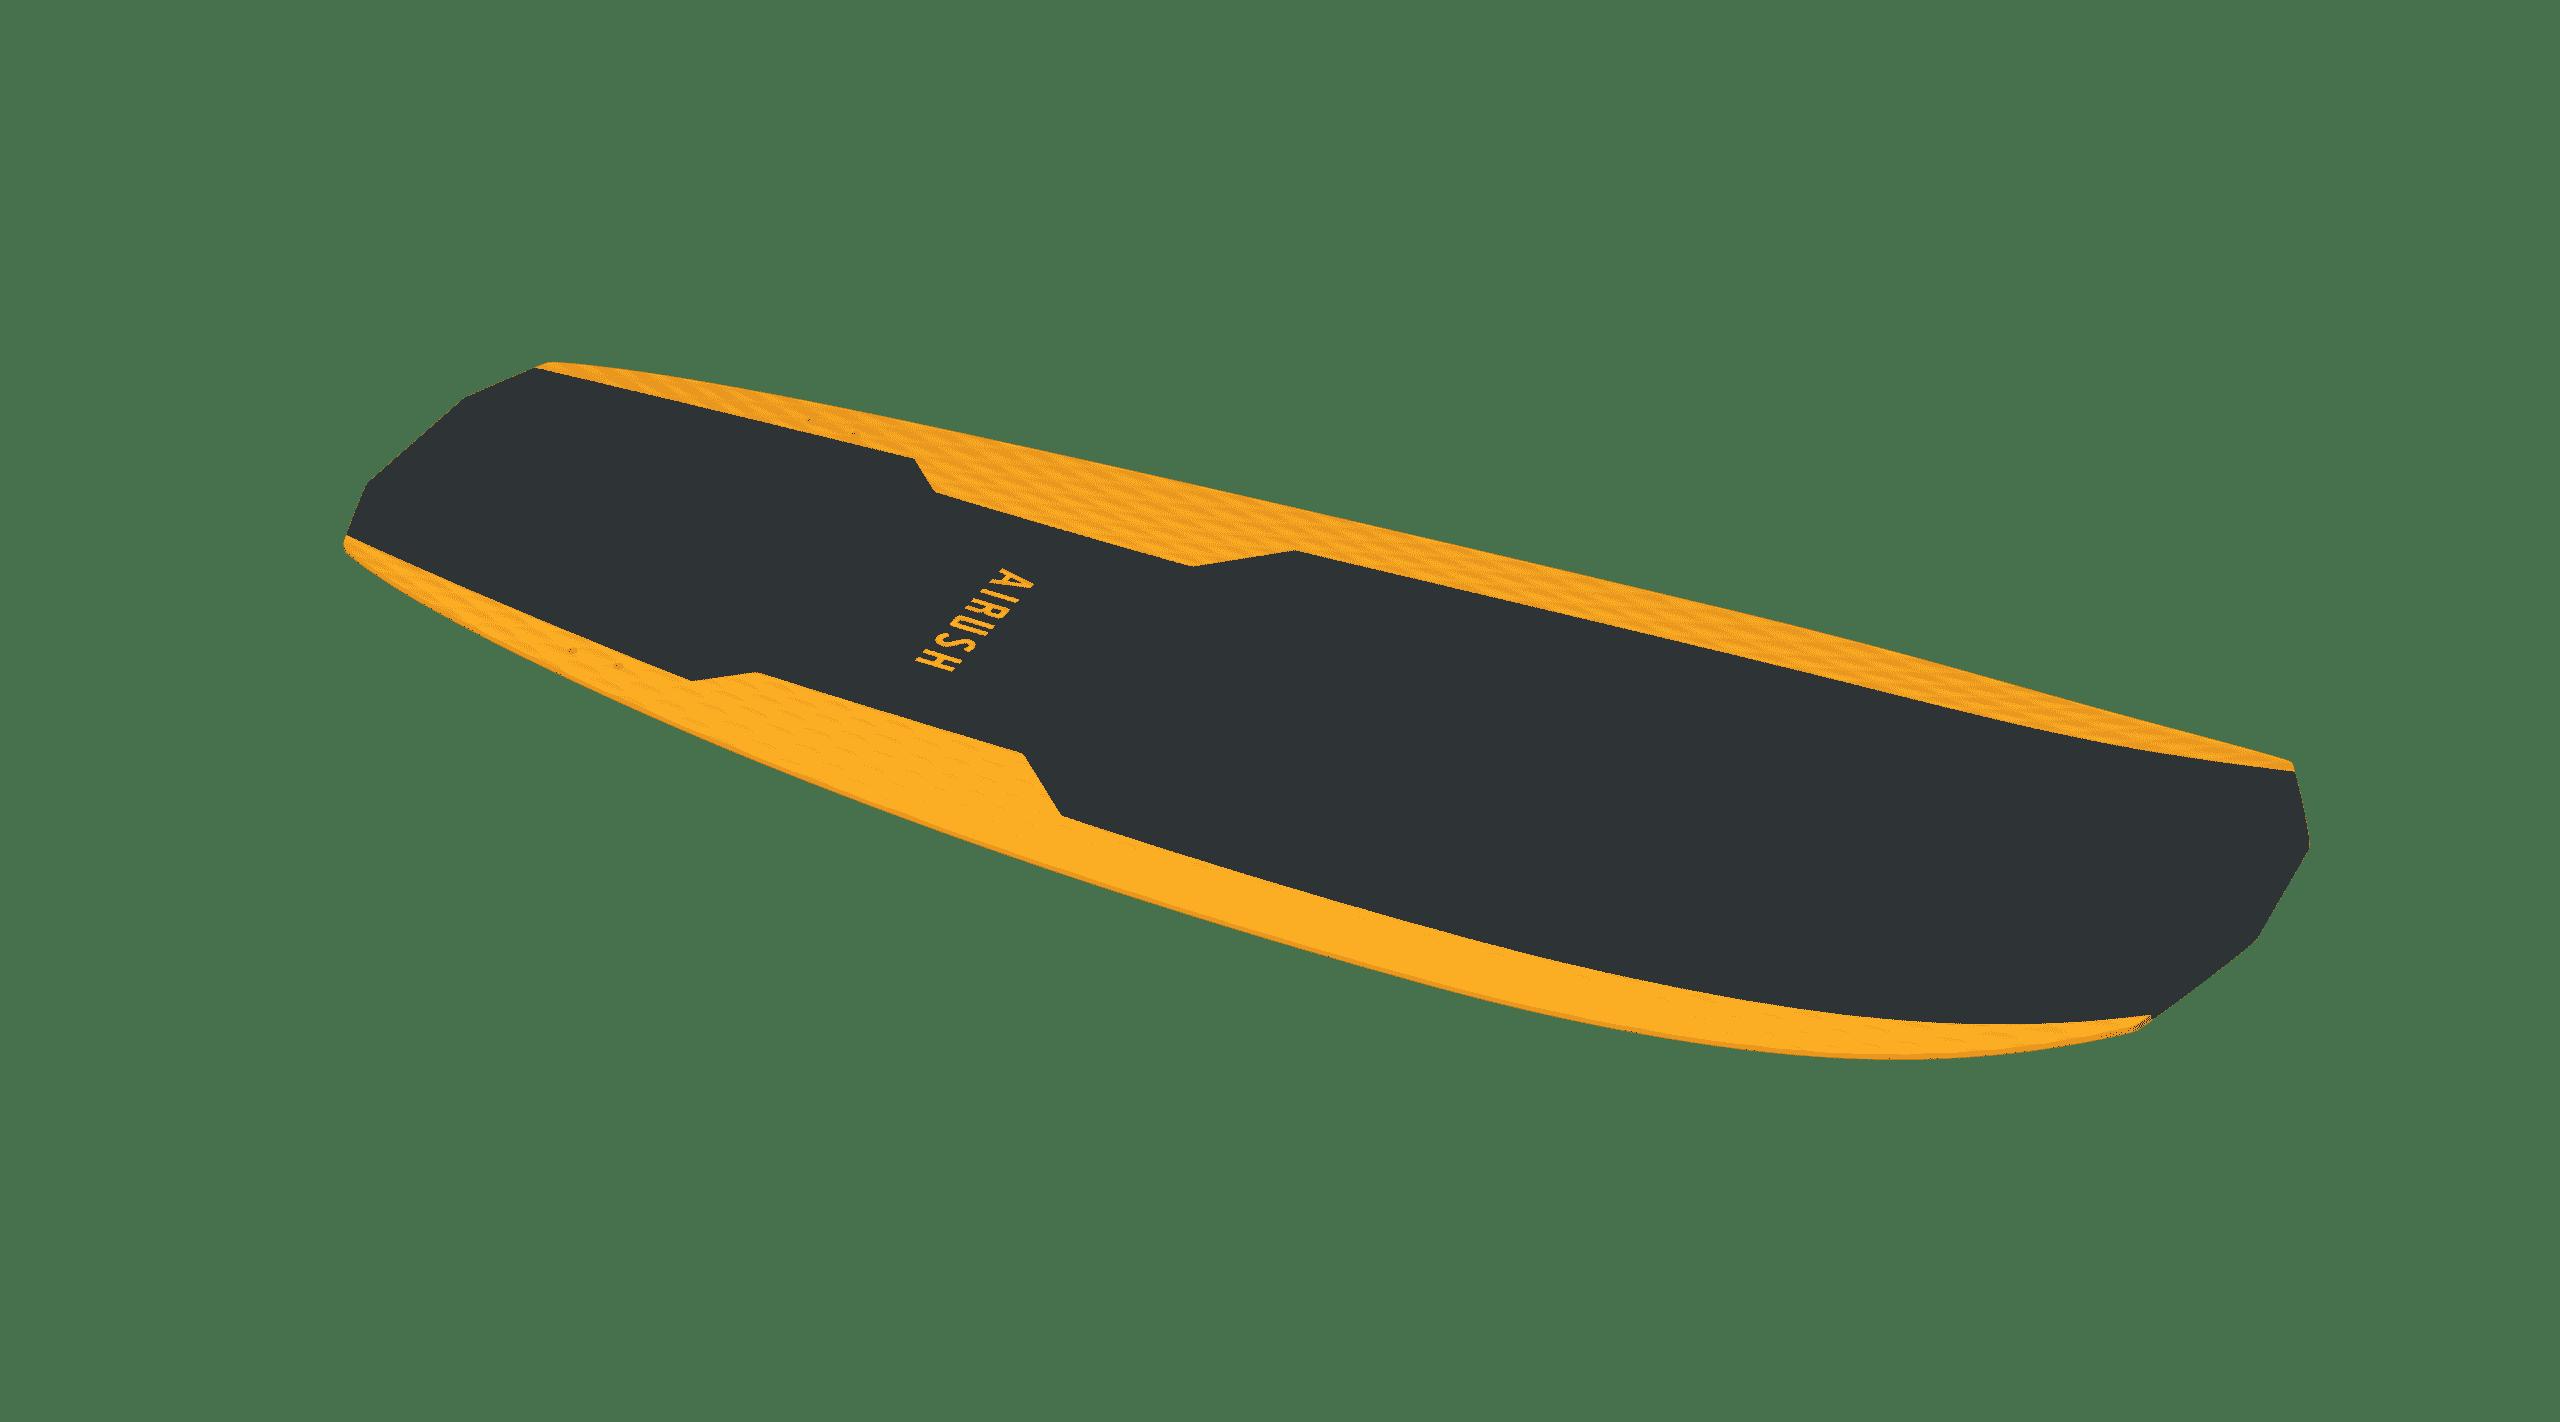 Foil Skate 3